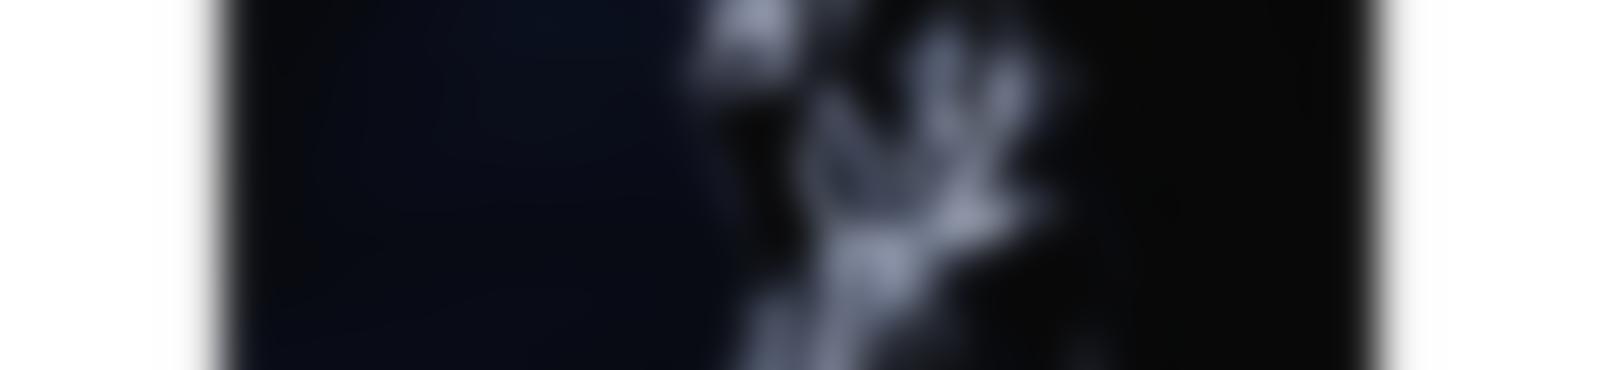 Blurred 152734c9 b487 4e83 be74 8acc38f0de47